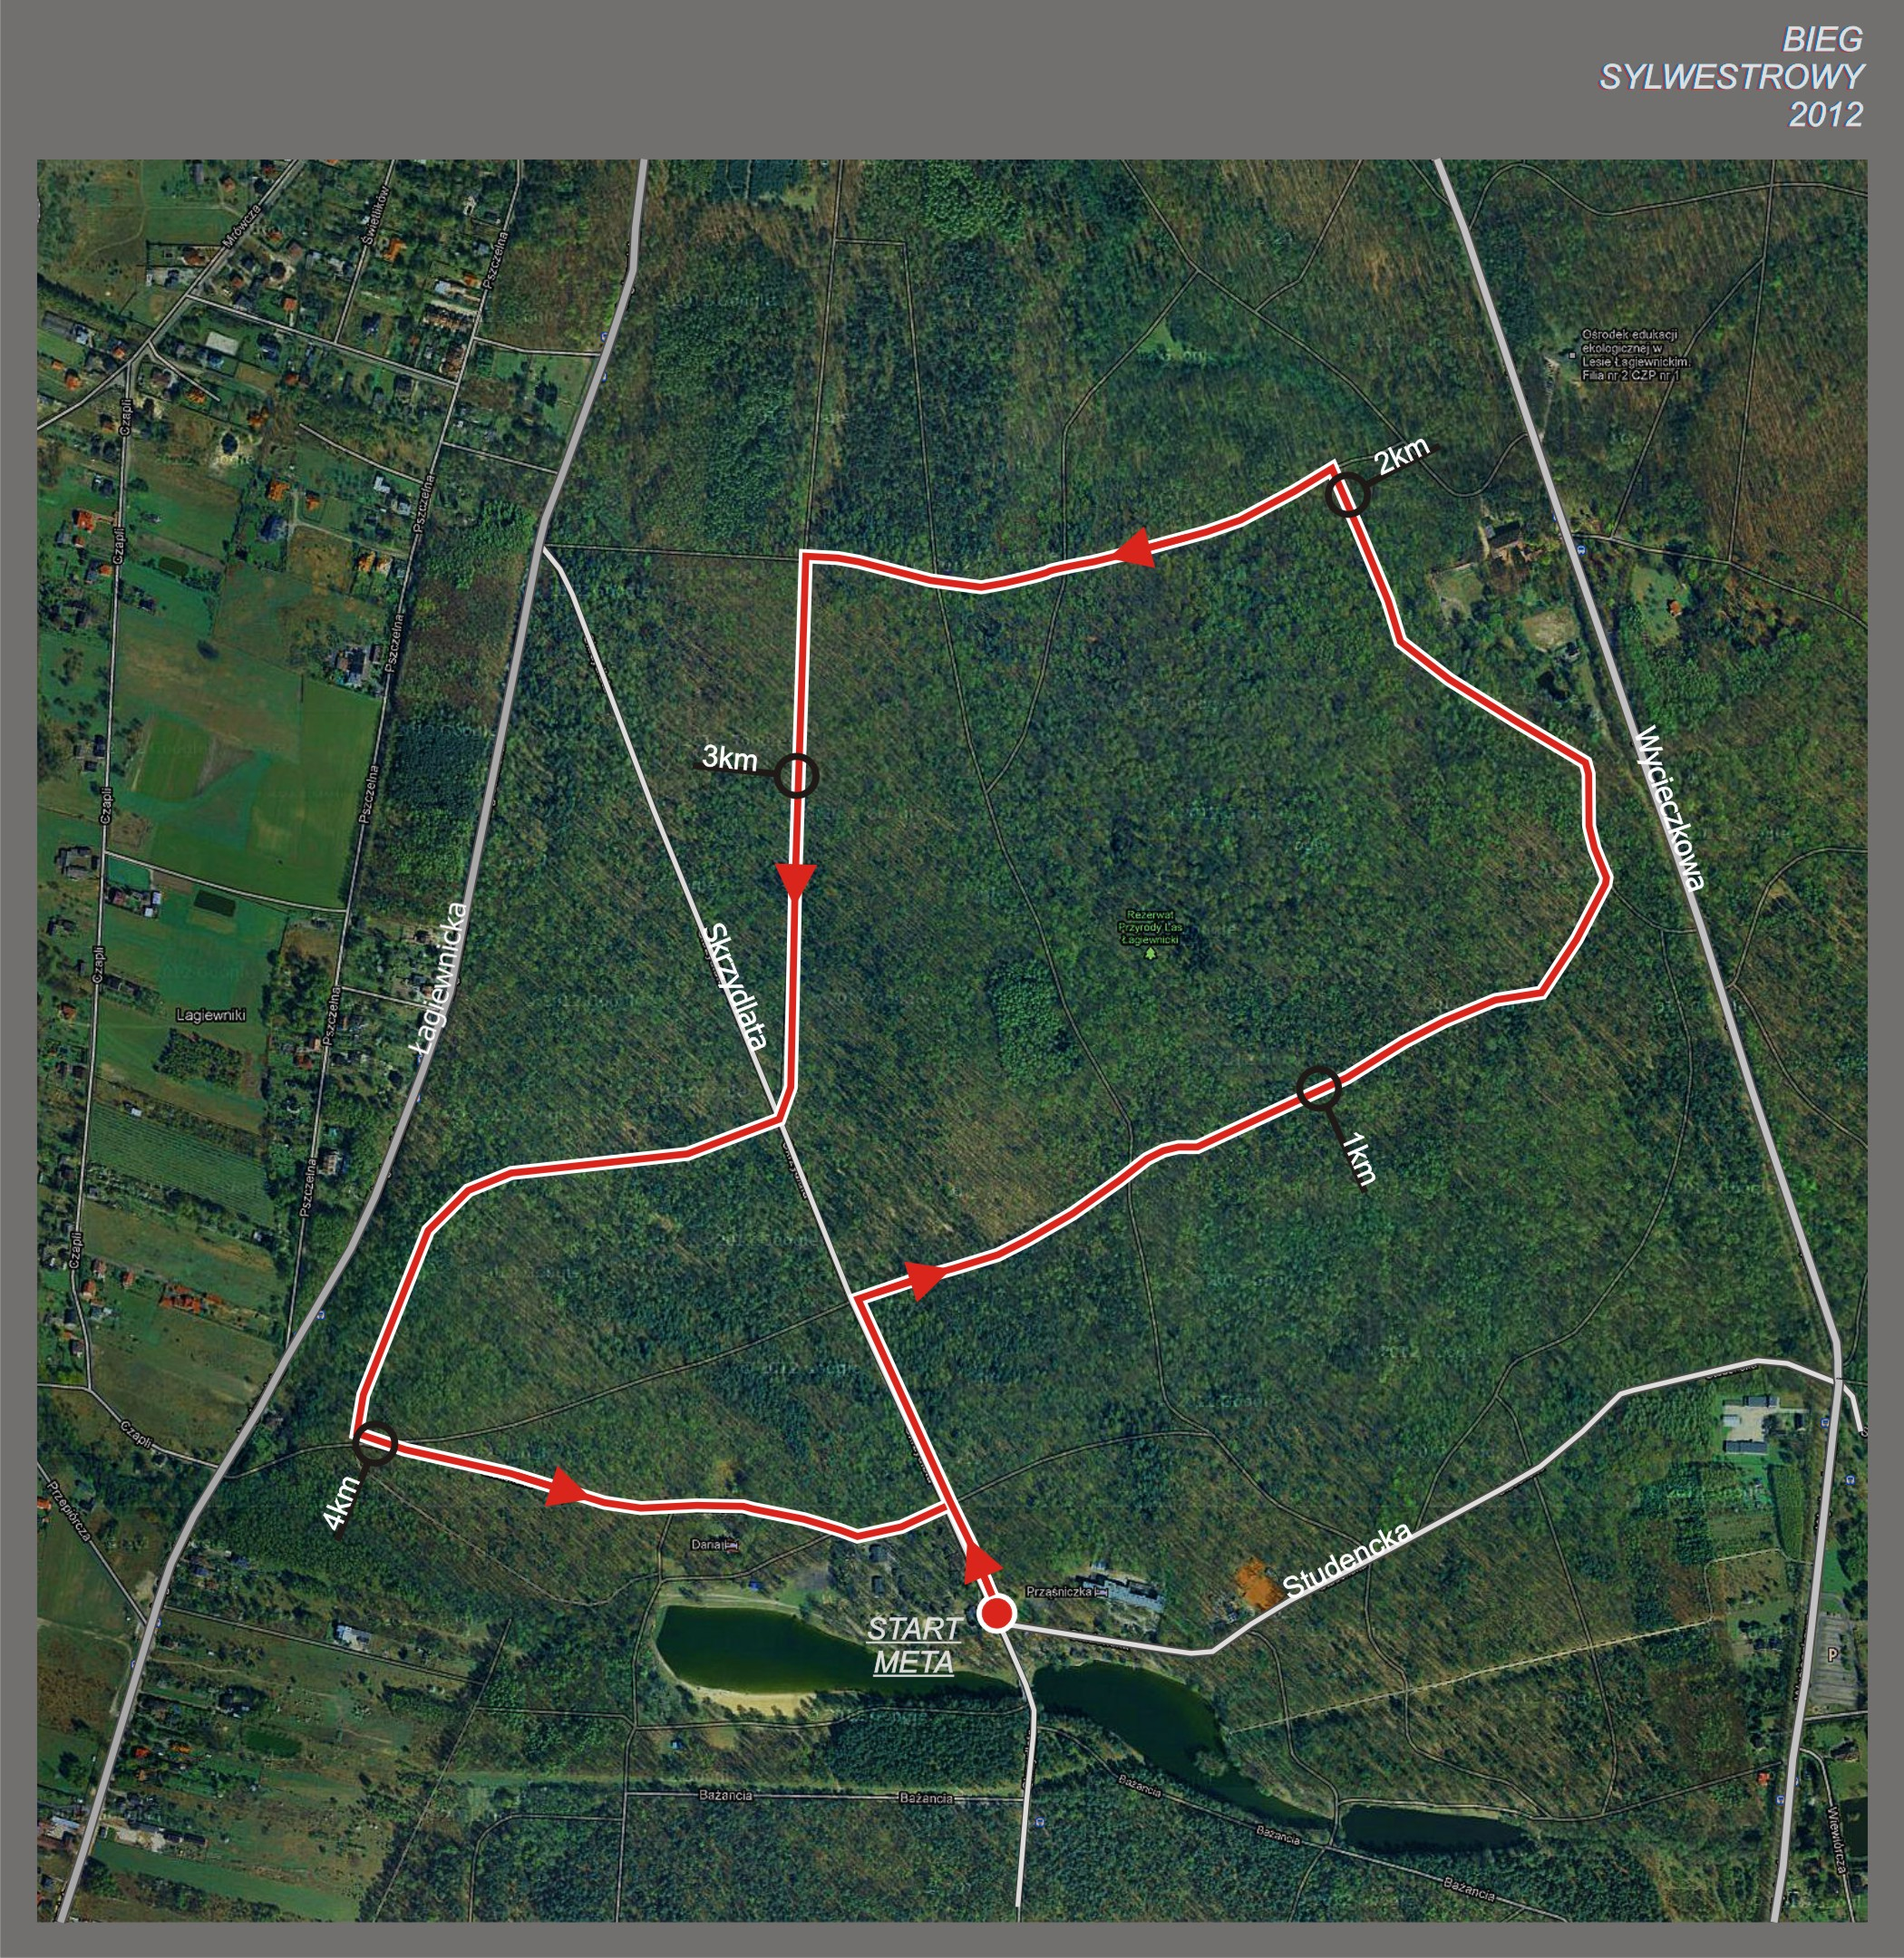 Bieg Sylwestrowy - mapa trasy